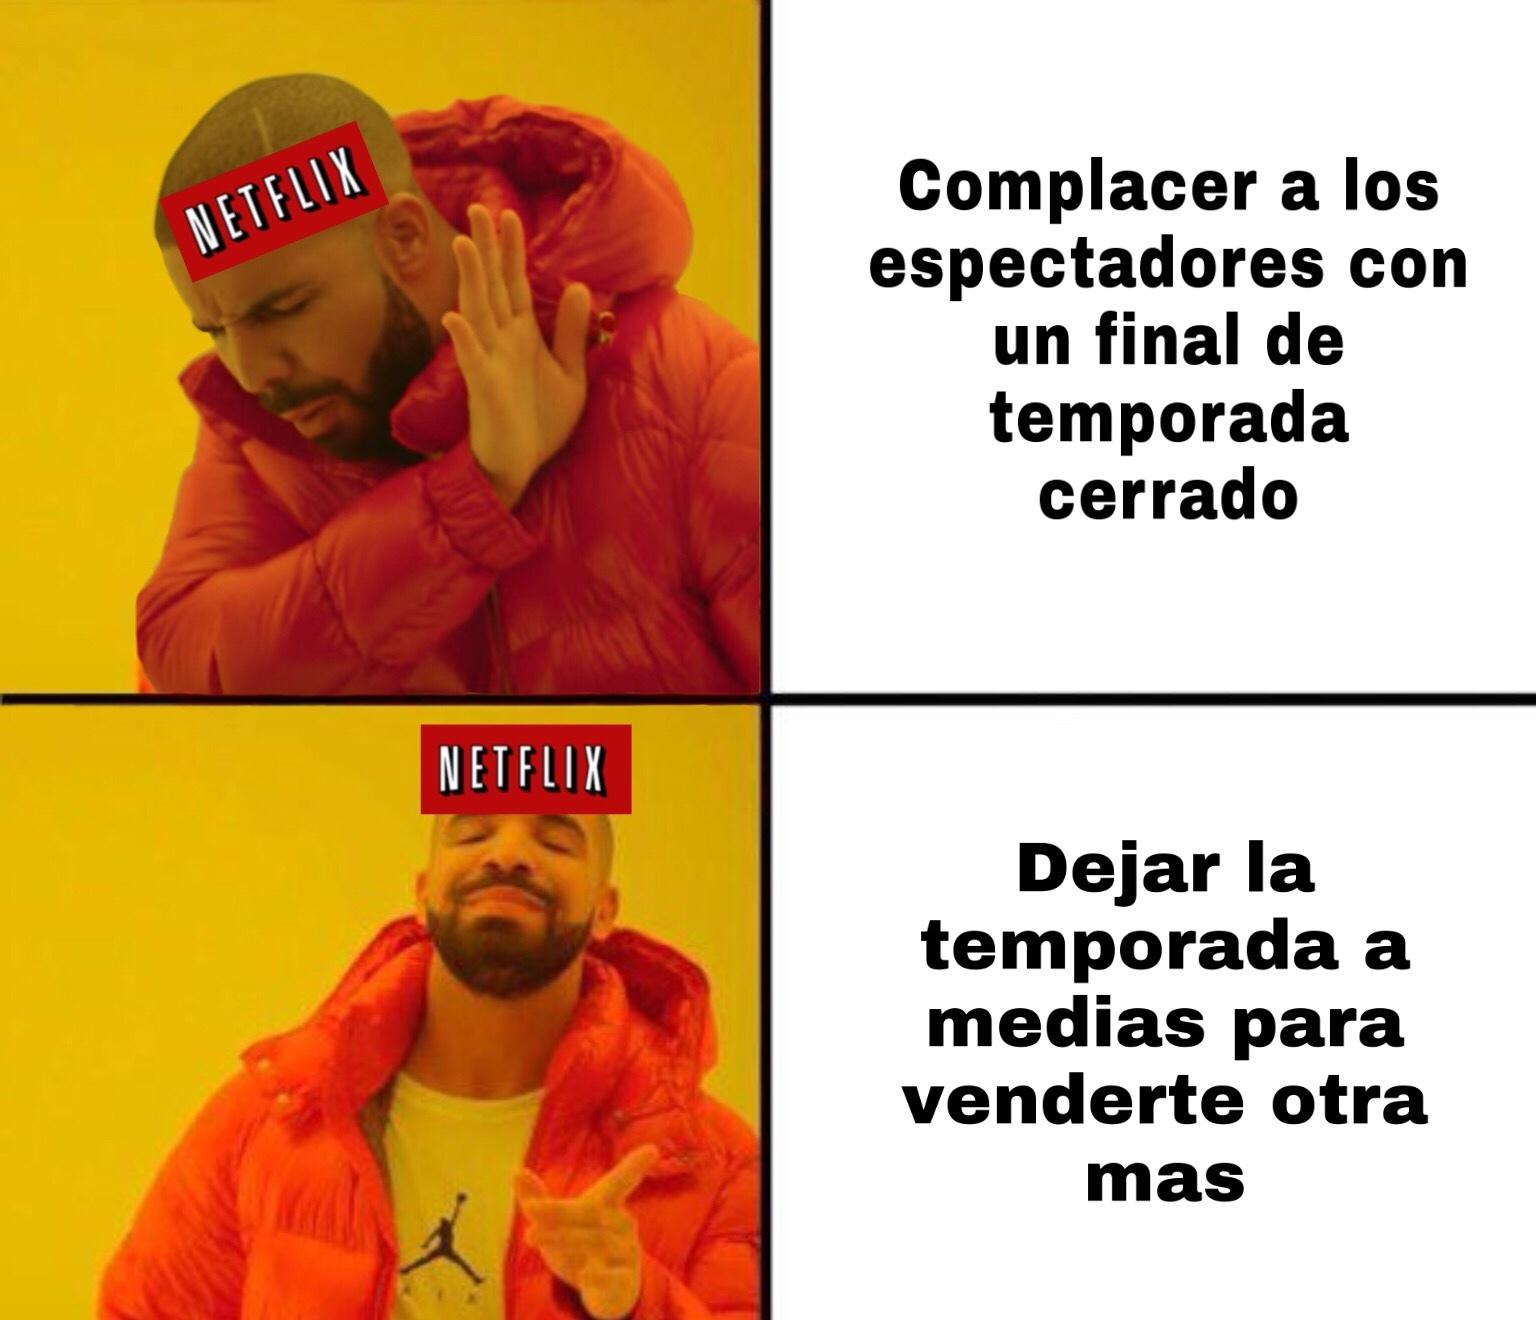 Ratflix - meme